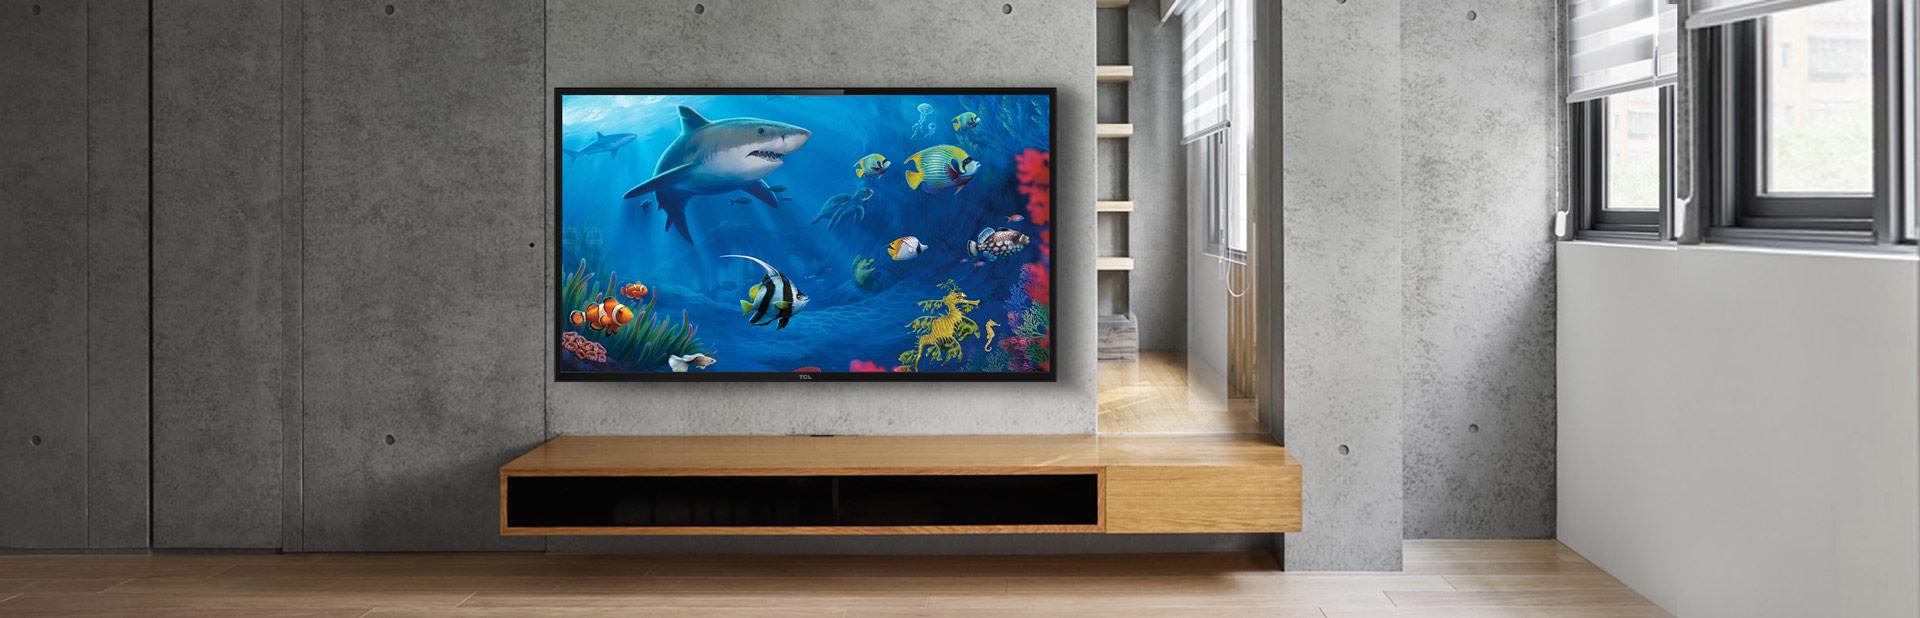 تلویزیون تی سی ال مدل D3000i